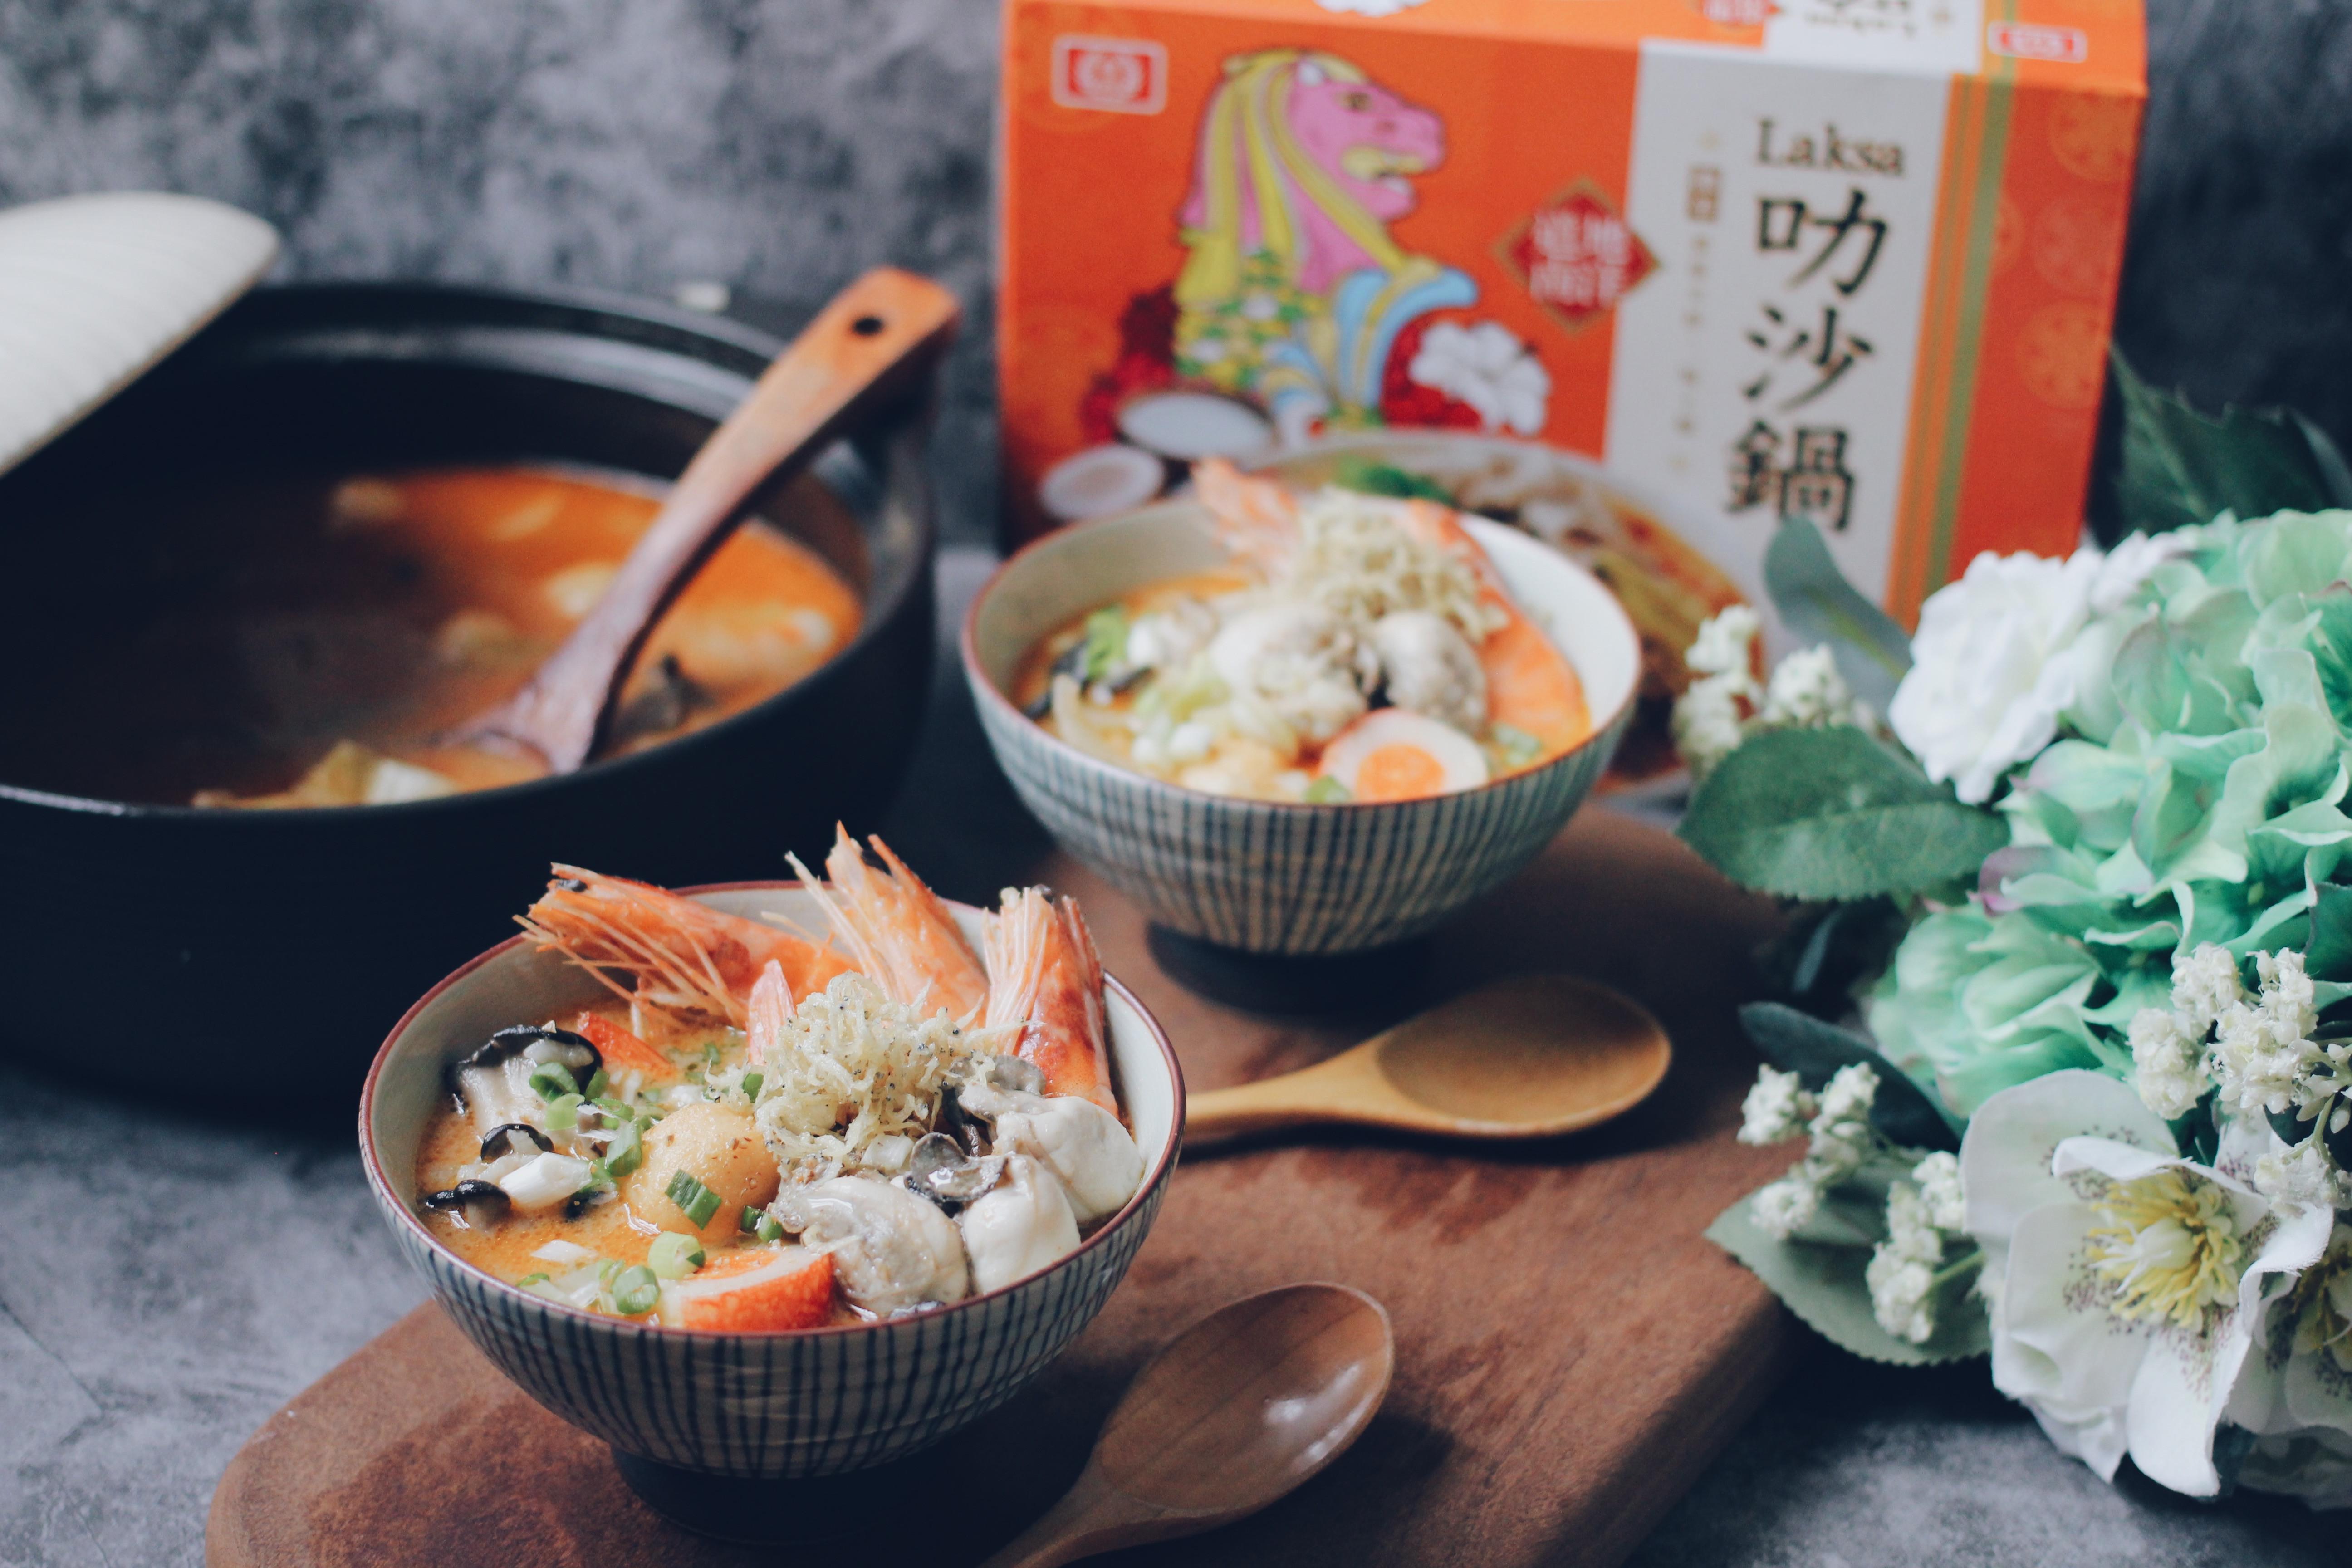 秋賞Laksa叻沙風味牡蠣海鮮粥